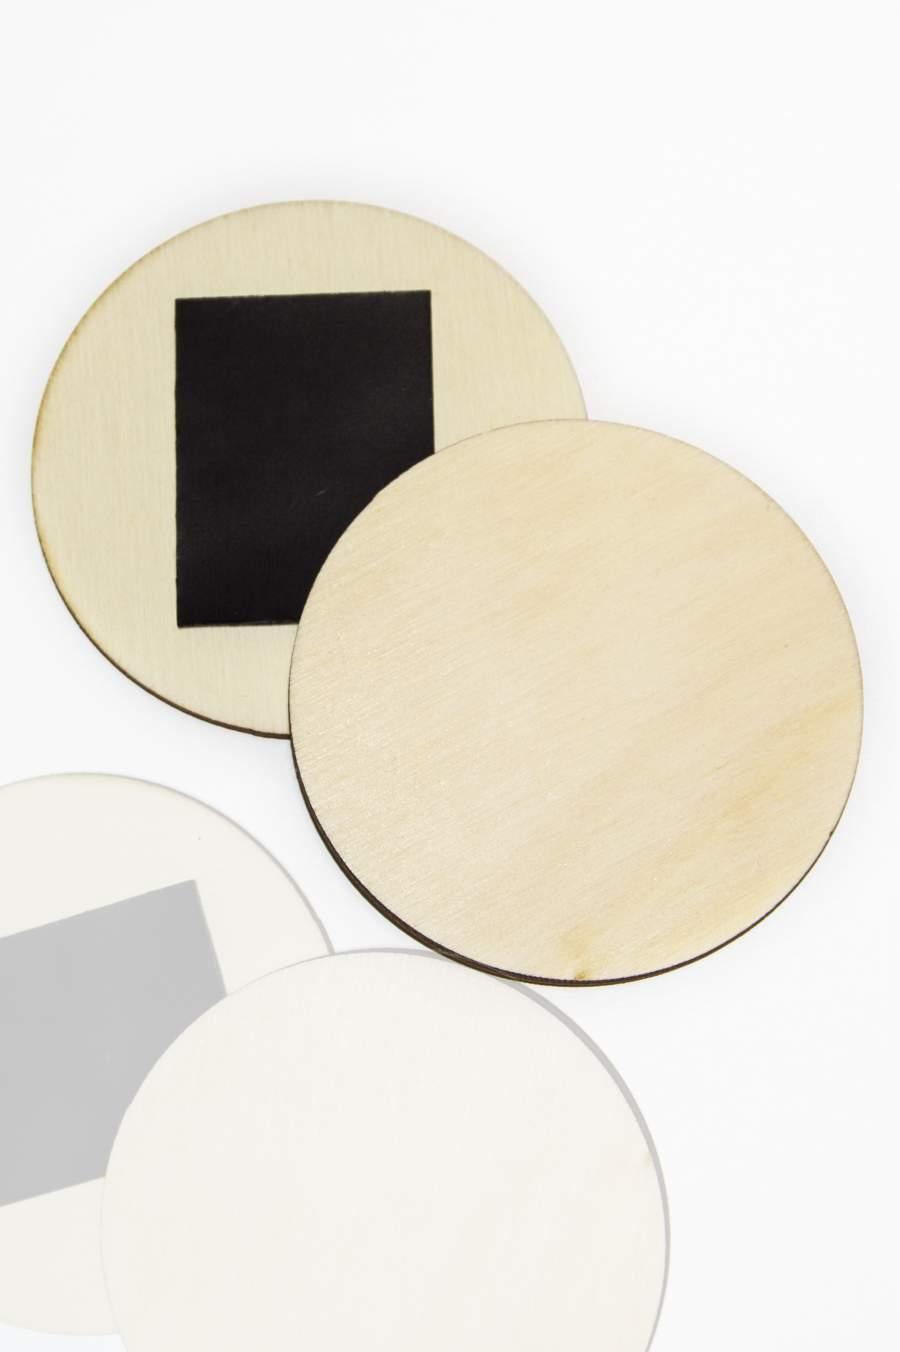 100. Placă din lemn pentru magnet frigider, felie rotundă Ø65mm